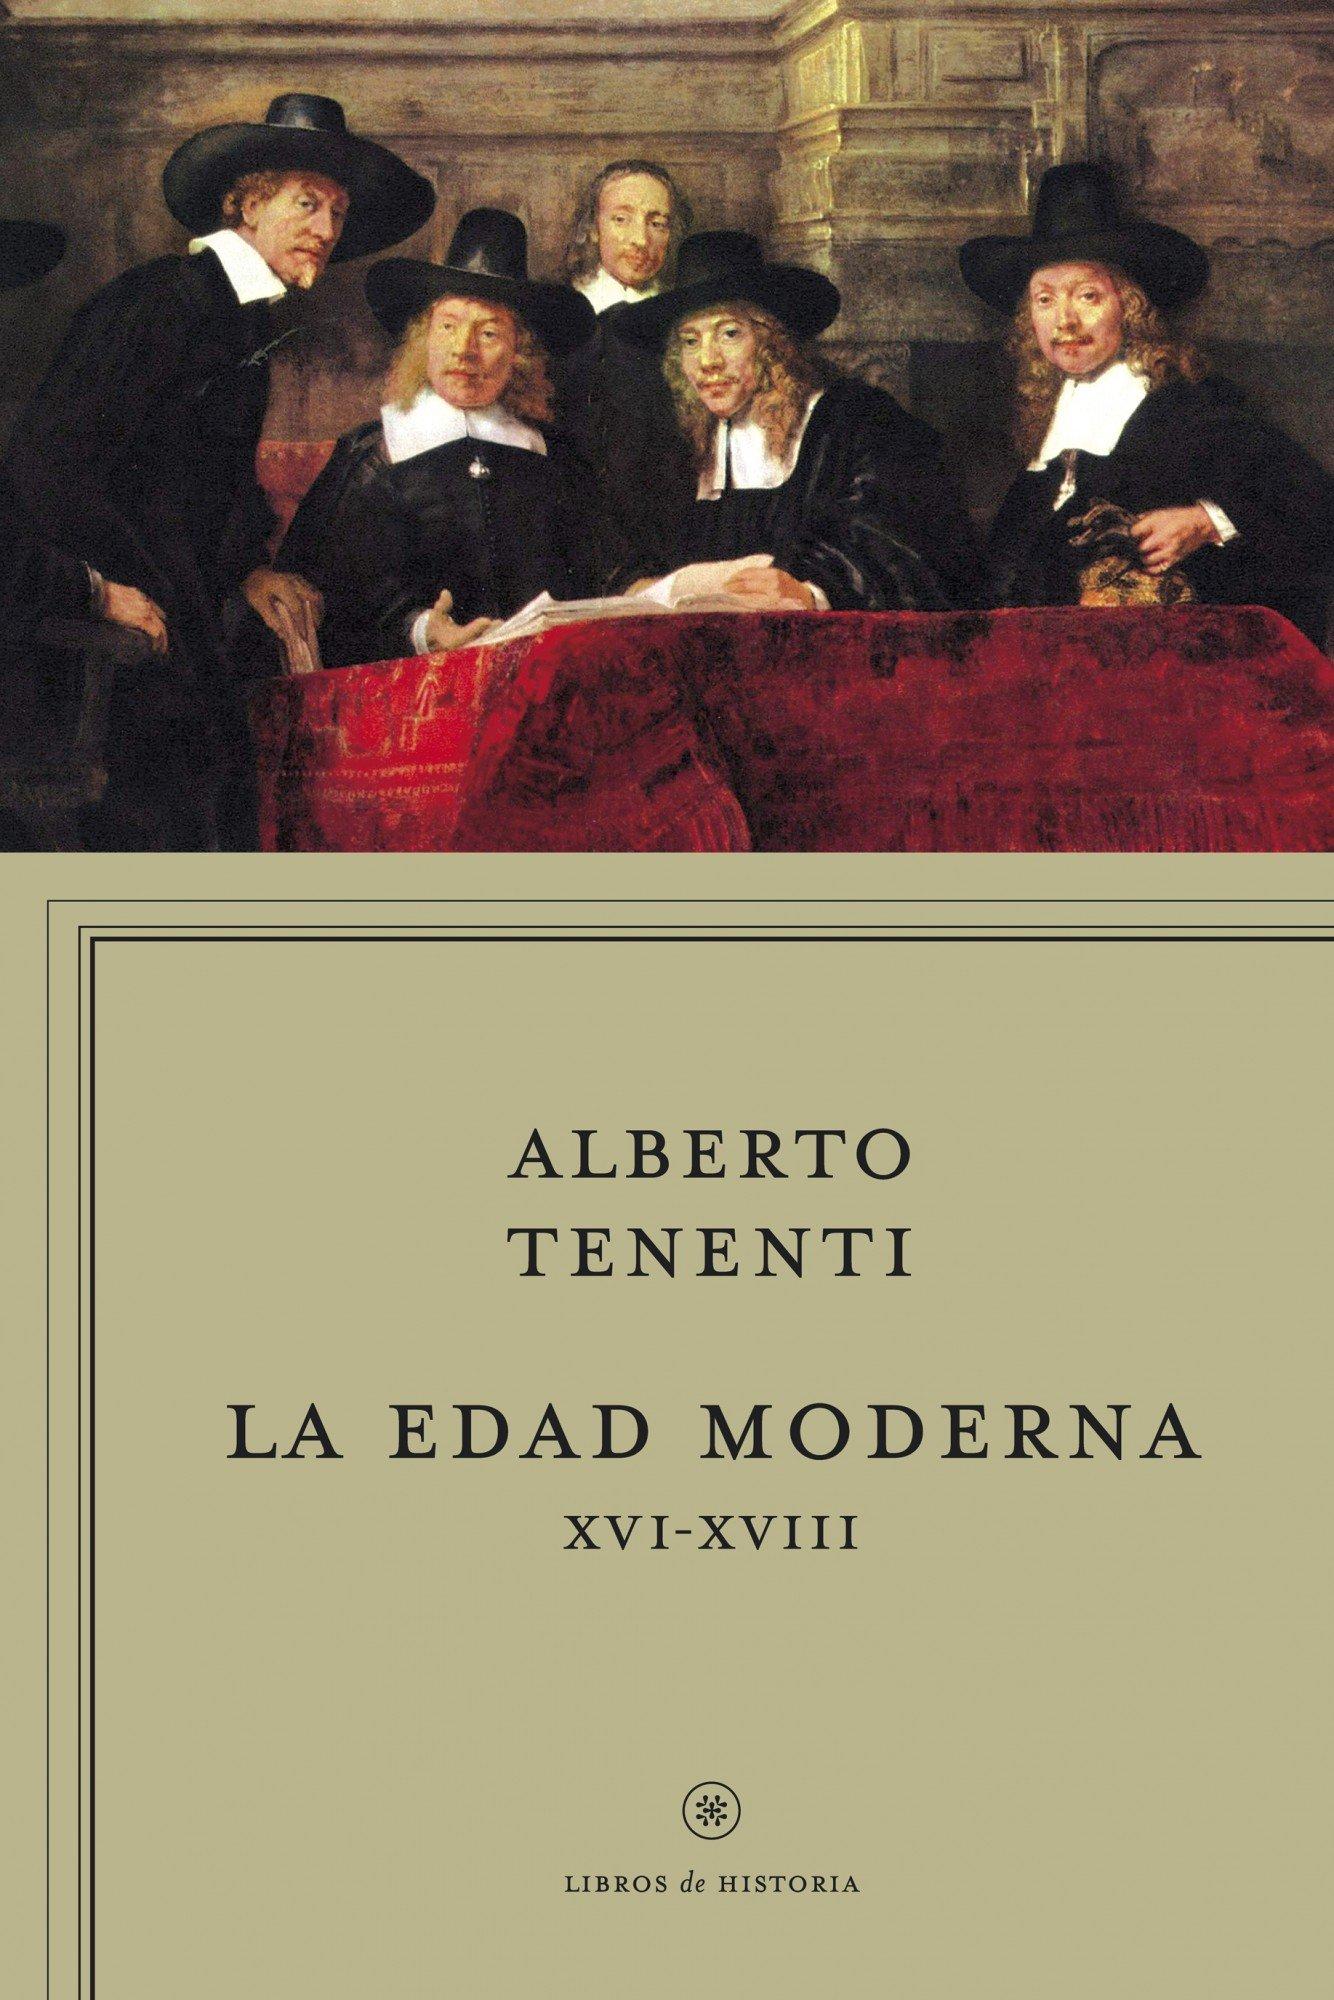 La edad moderna XVI-XVIII (Libros de Historia): Amazon.es: Tenenti, Alberto, Riera, Ignasi: Libros